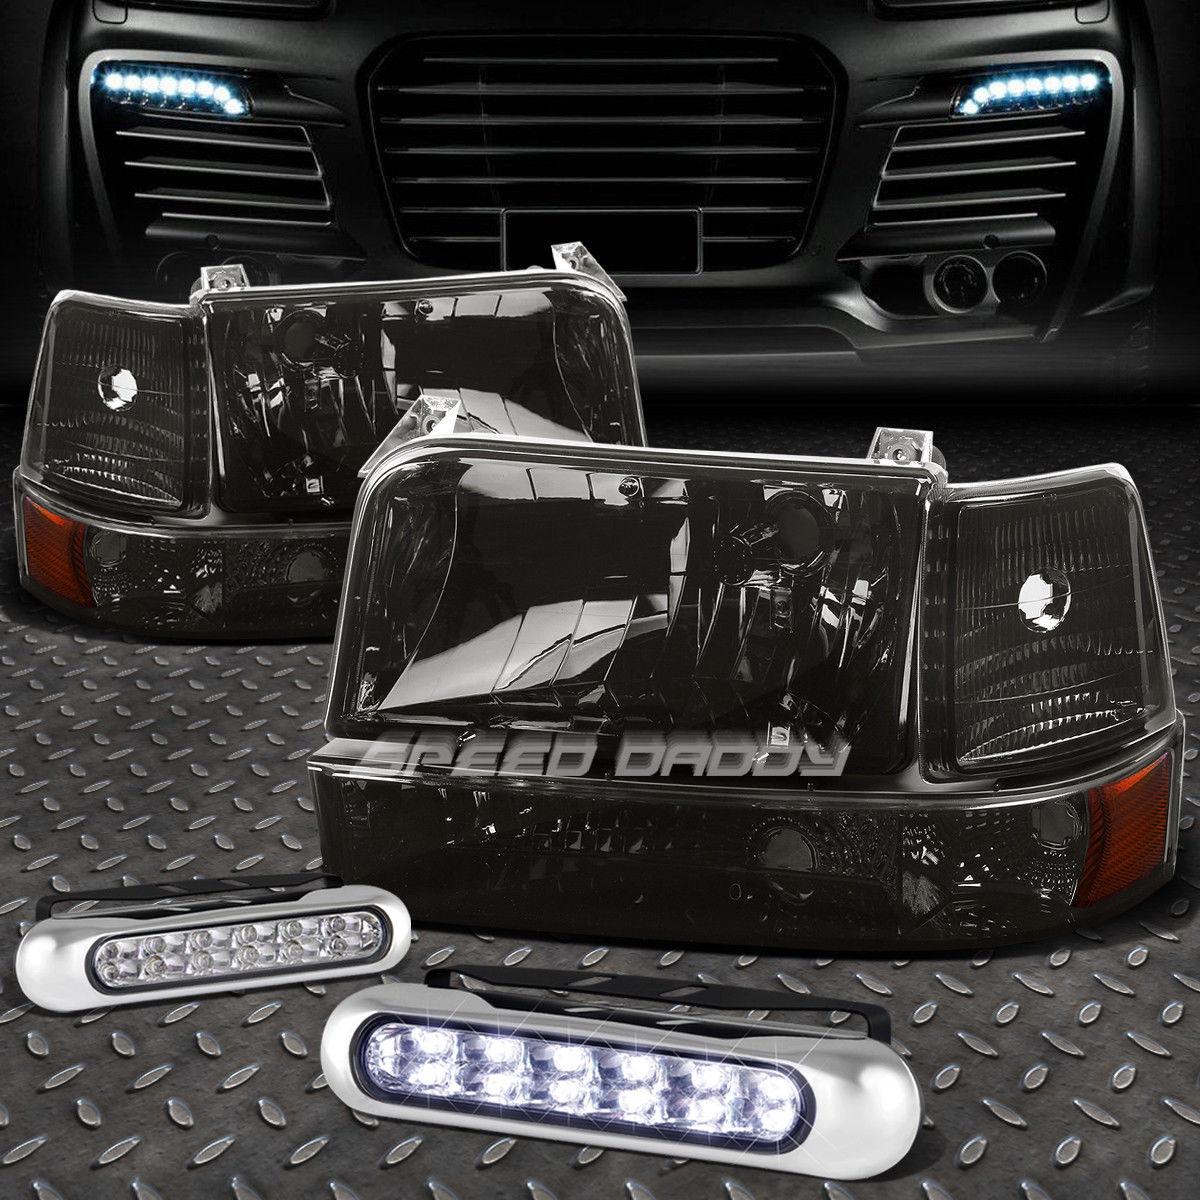 フォグライト SMOKED LENS HEADLIGHT AMBER CORNER+12 LED GRILL FOG LIGHT FOR 92-96 F-SERIES SMOKED LENS HEADLIGHTアンバーコーナー+ 92-96 Fシリーズ用LEDグリルフォグライト12